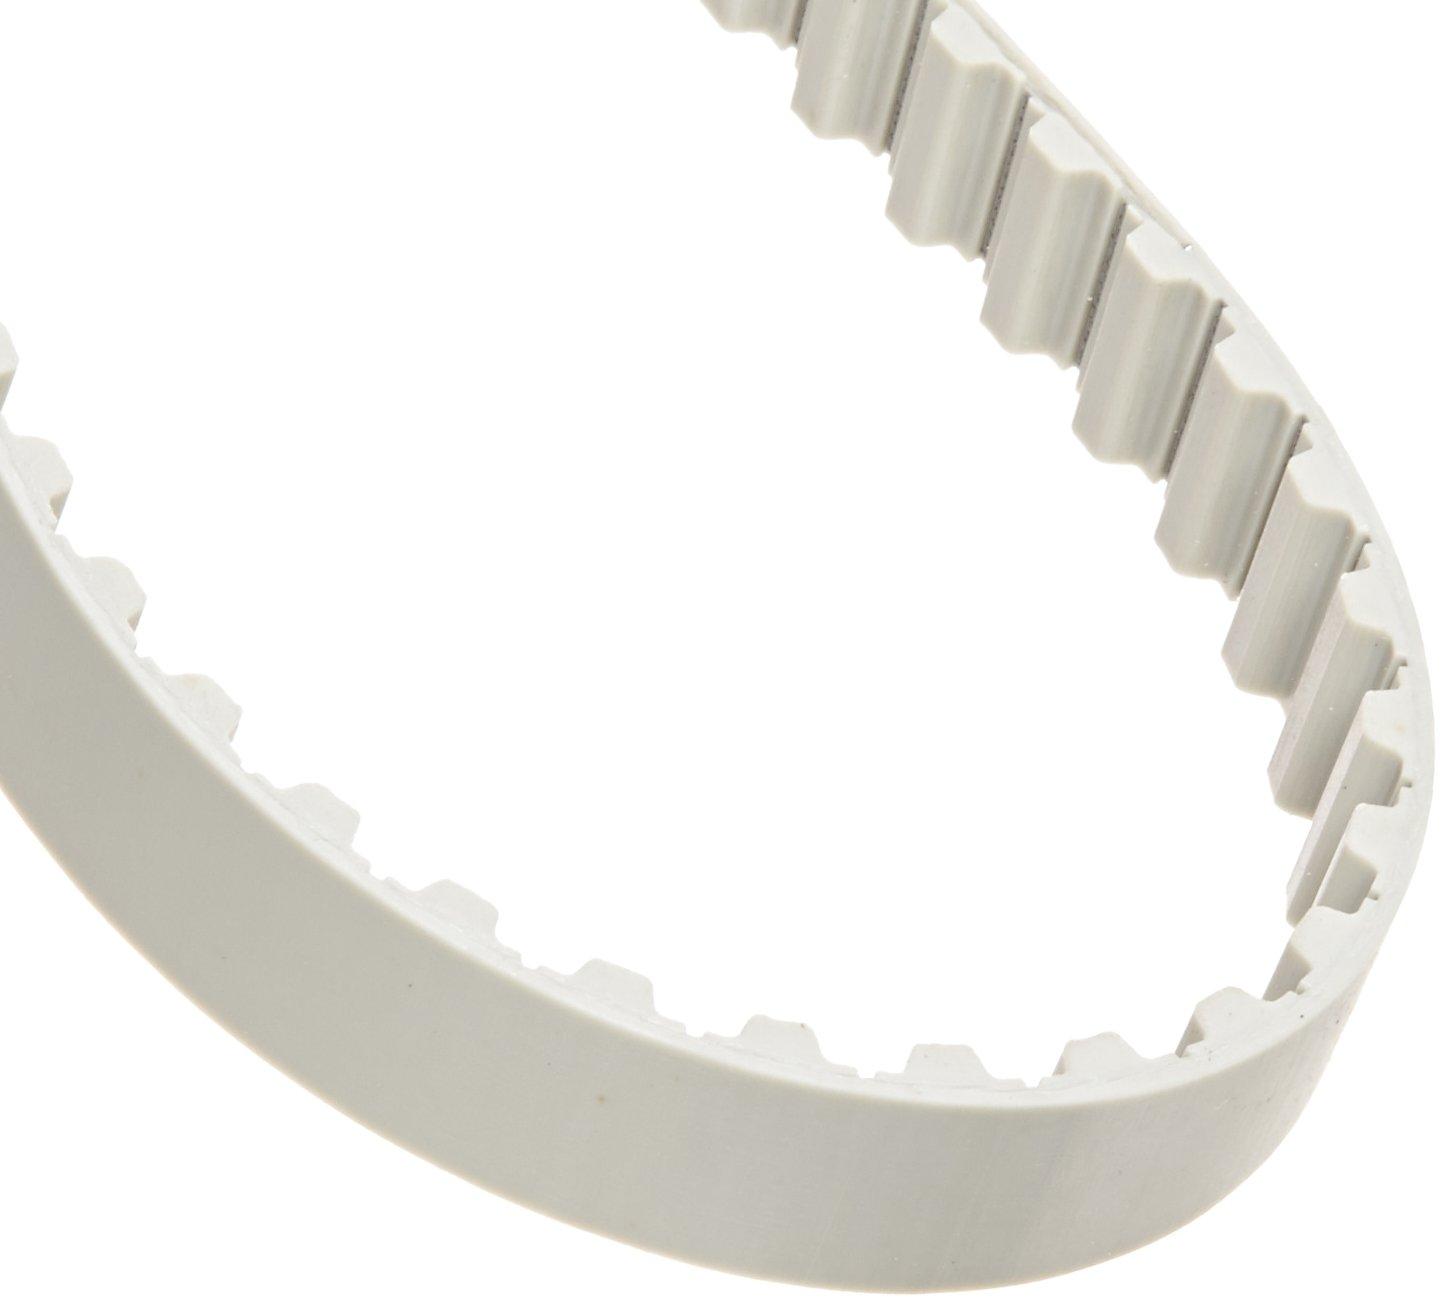 410mm Pitch Length 16mm Width T10 Pitch 41 Teeth Gates T10-410-16 Synchro-Power Polyurethane Belt